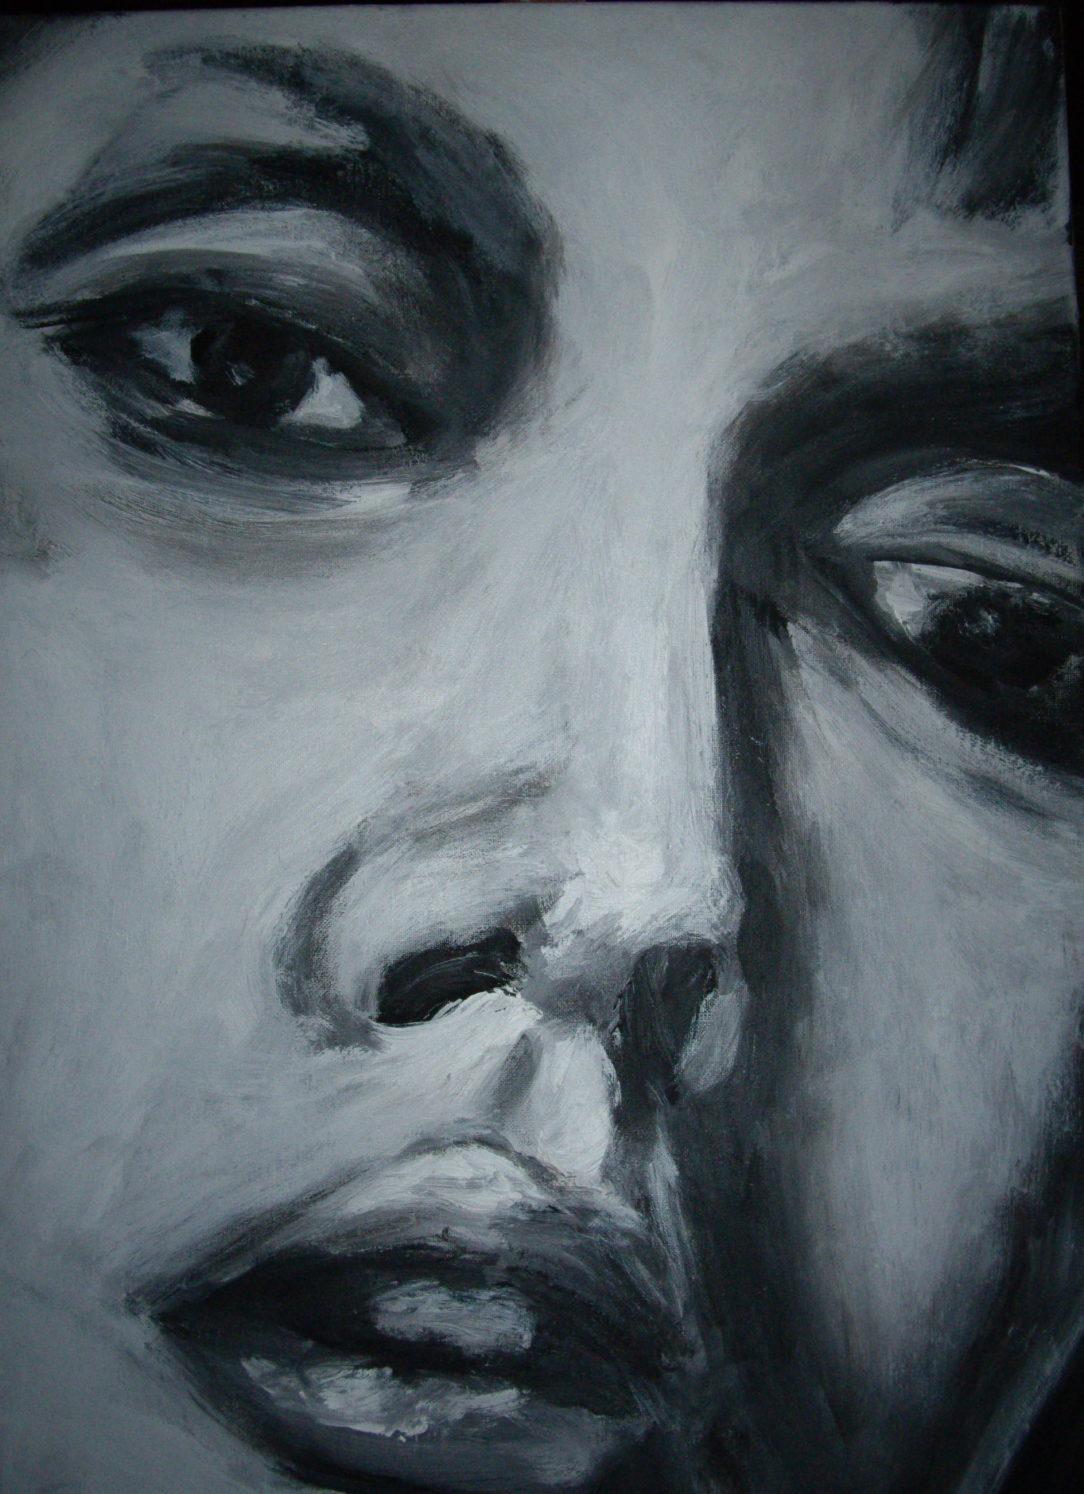 98 Visage femme - Solitude - Jérôme Muller Peinture